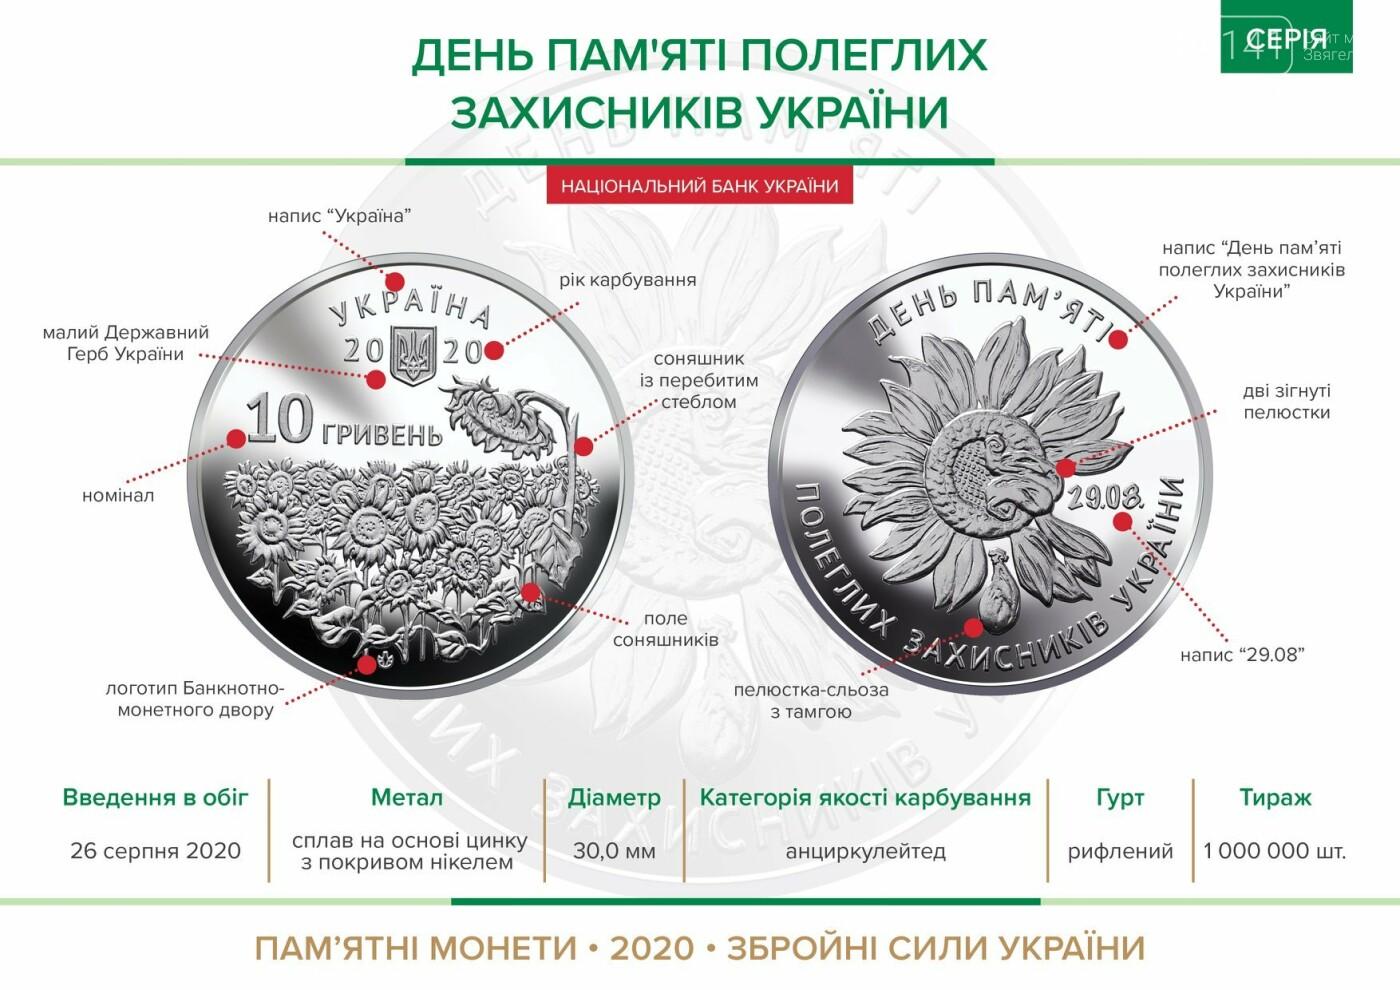 Нацбанк випустив пам'ятну монету номіналом 10 гривень, фото-1